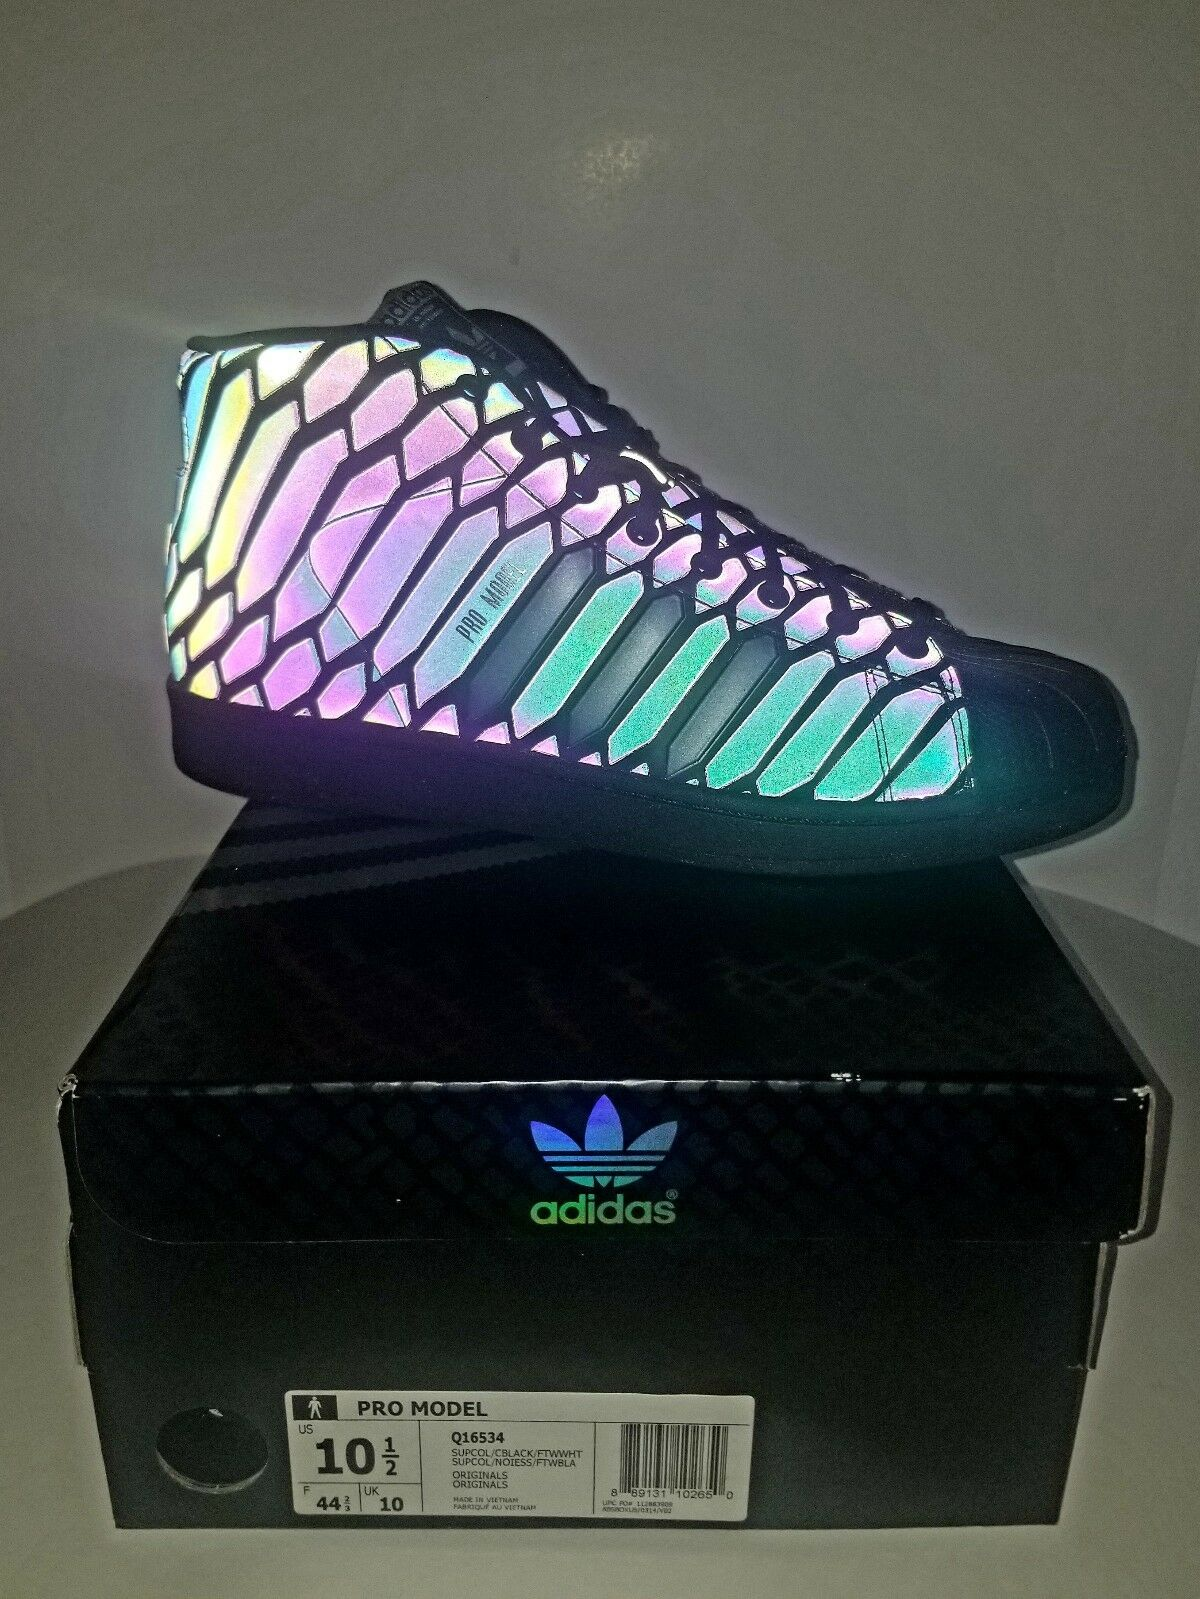 Adidas xeno - pro - modell mens größe 10,5 10,5 größe reflektierenden turnschuhe q16534 schlangenhaut 9723c1